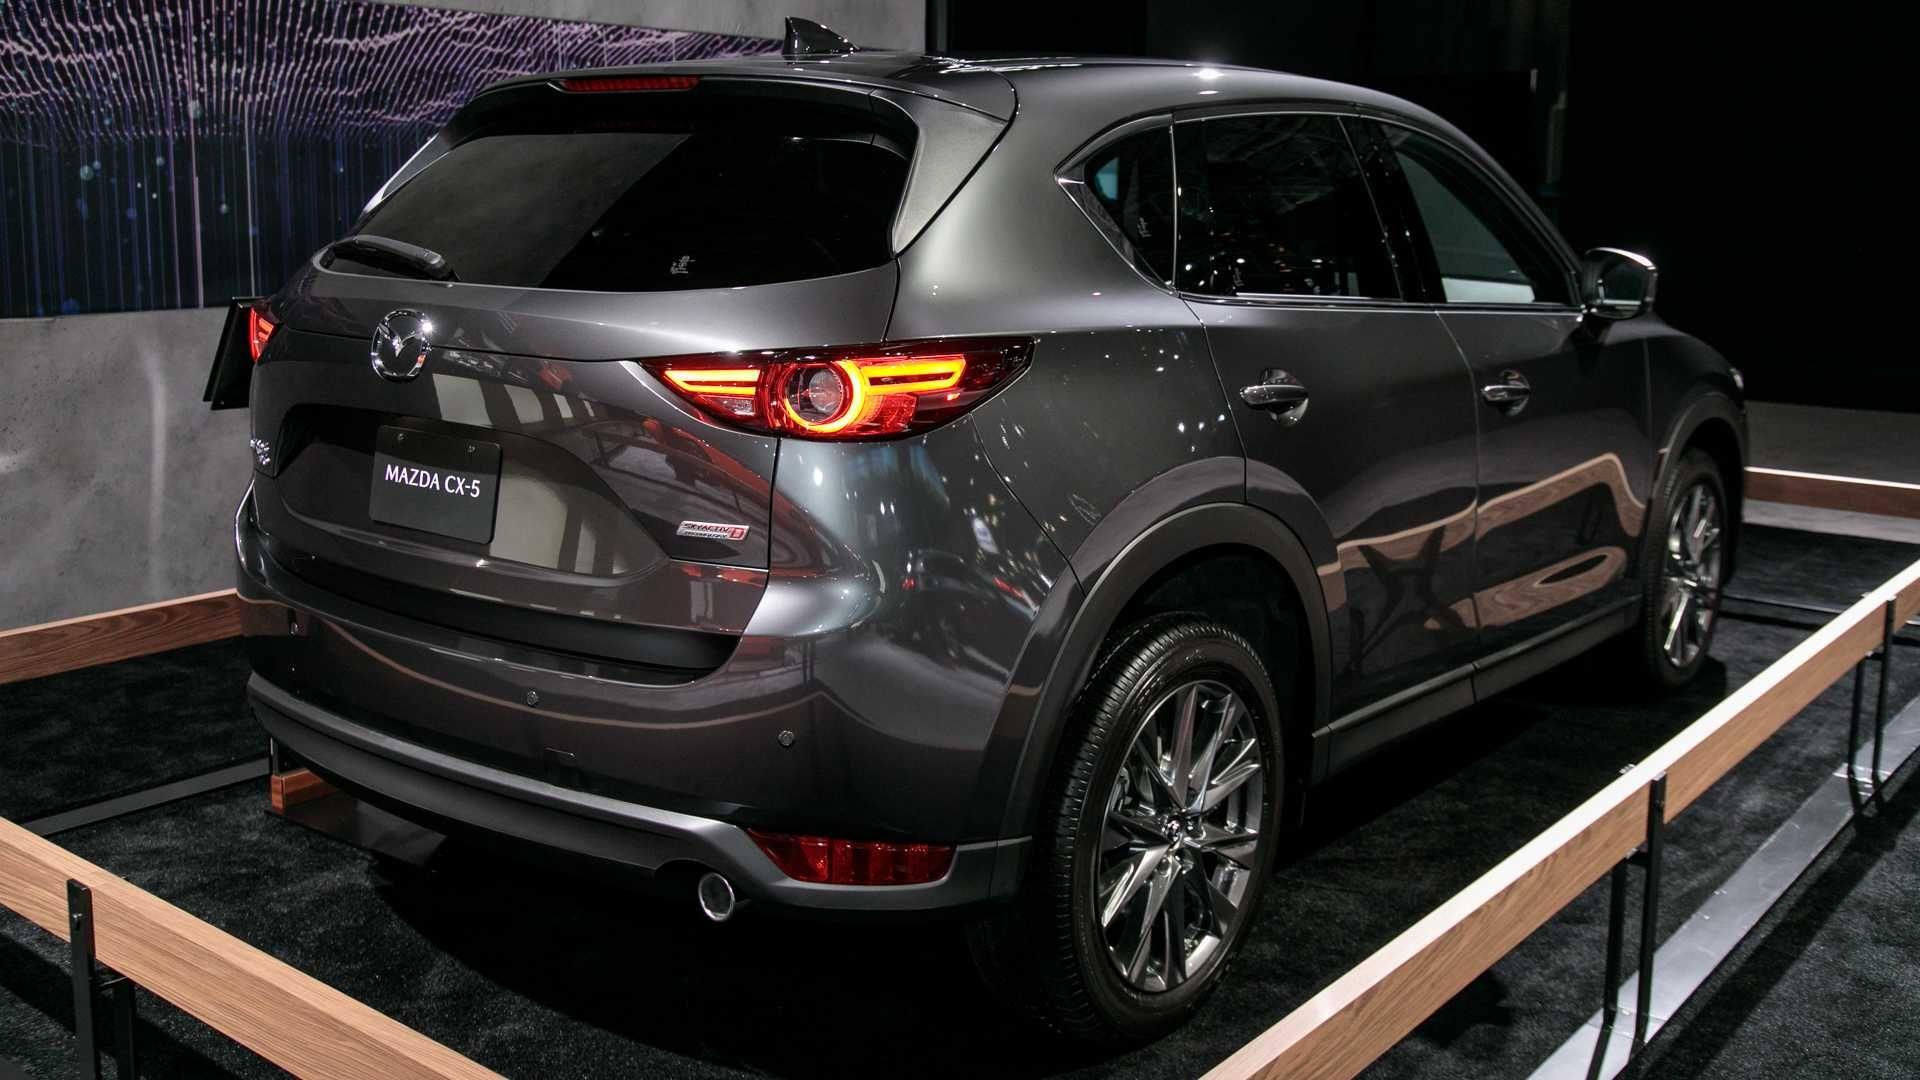 Mazda Cx 5 Diesel Already Phased Out In 2020 Mazda Mazda Suv Diesel